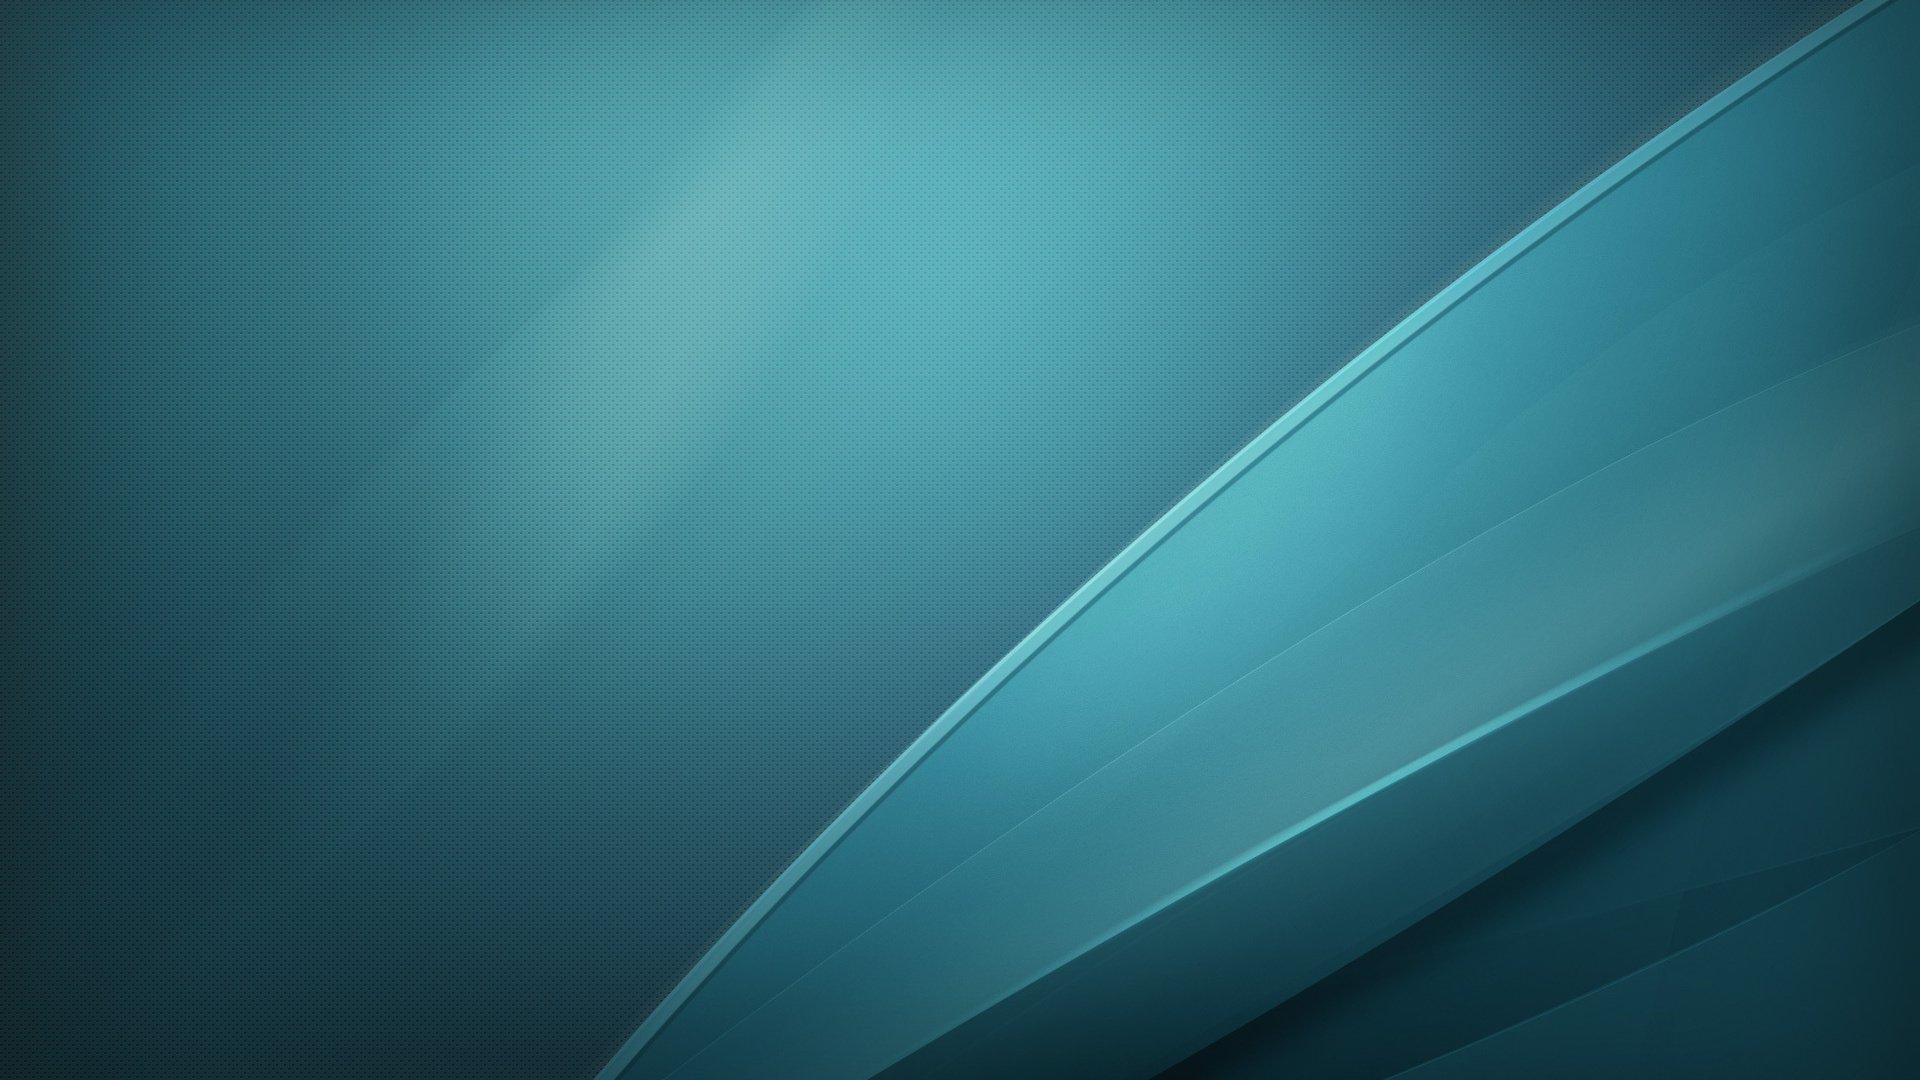 Голубые линии бесплатно